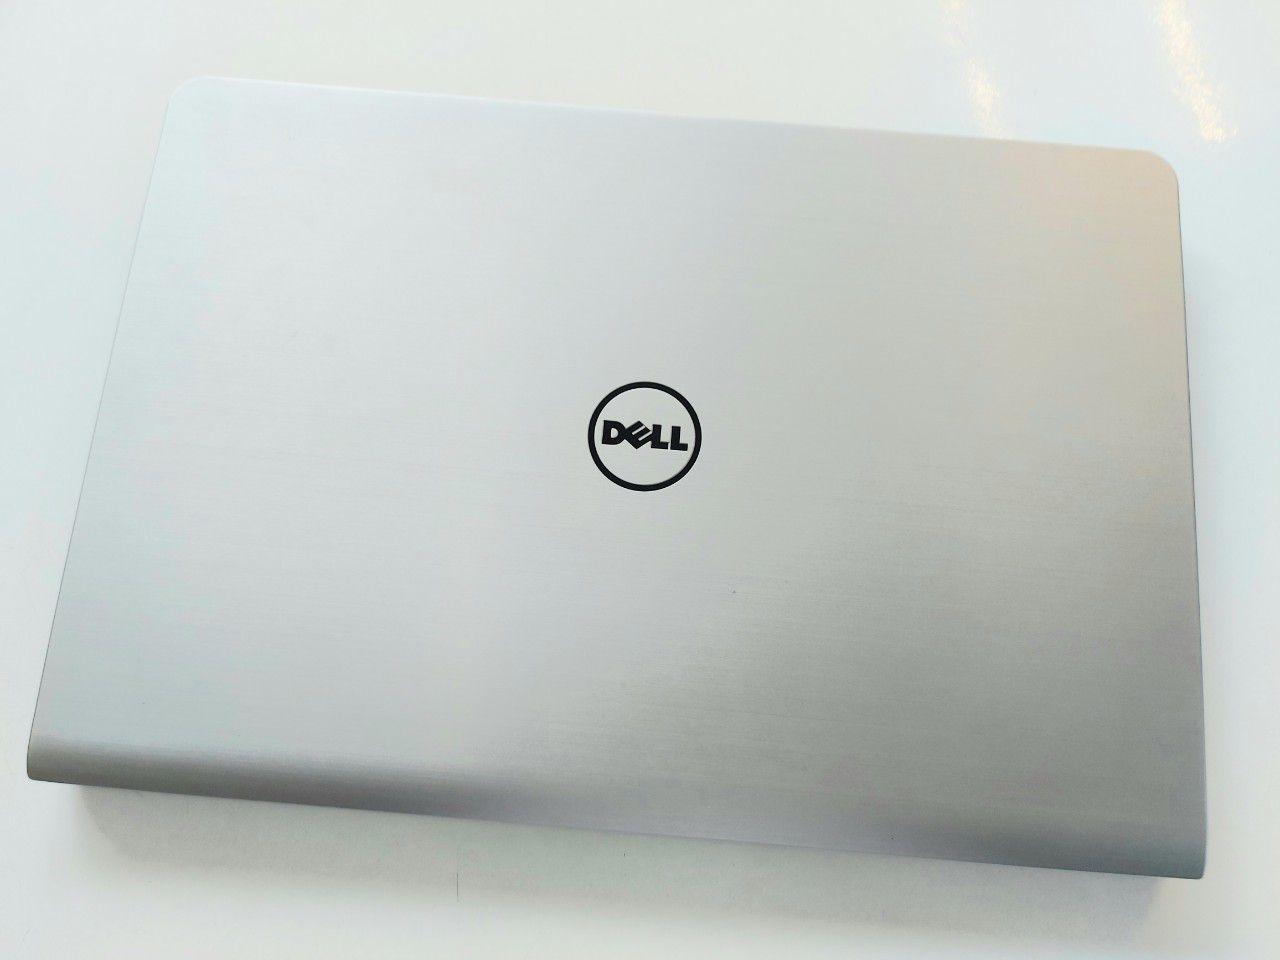 Dell Inspiron 5548 - Hoàng Tín Computer